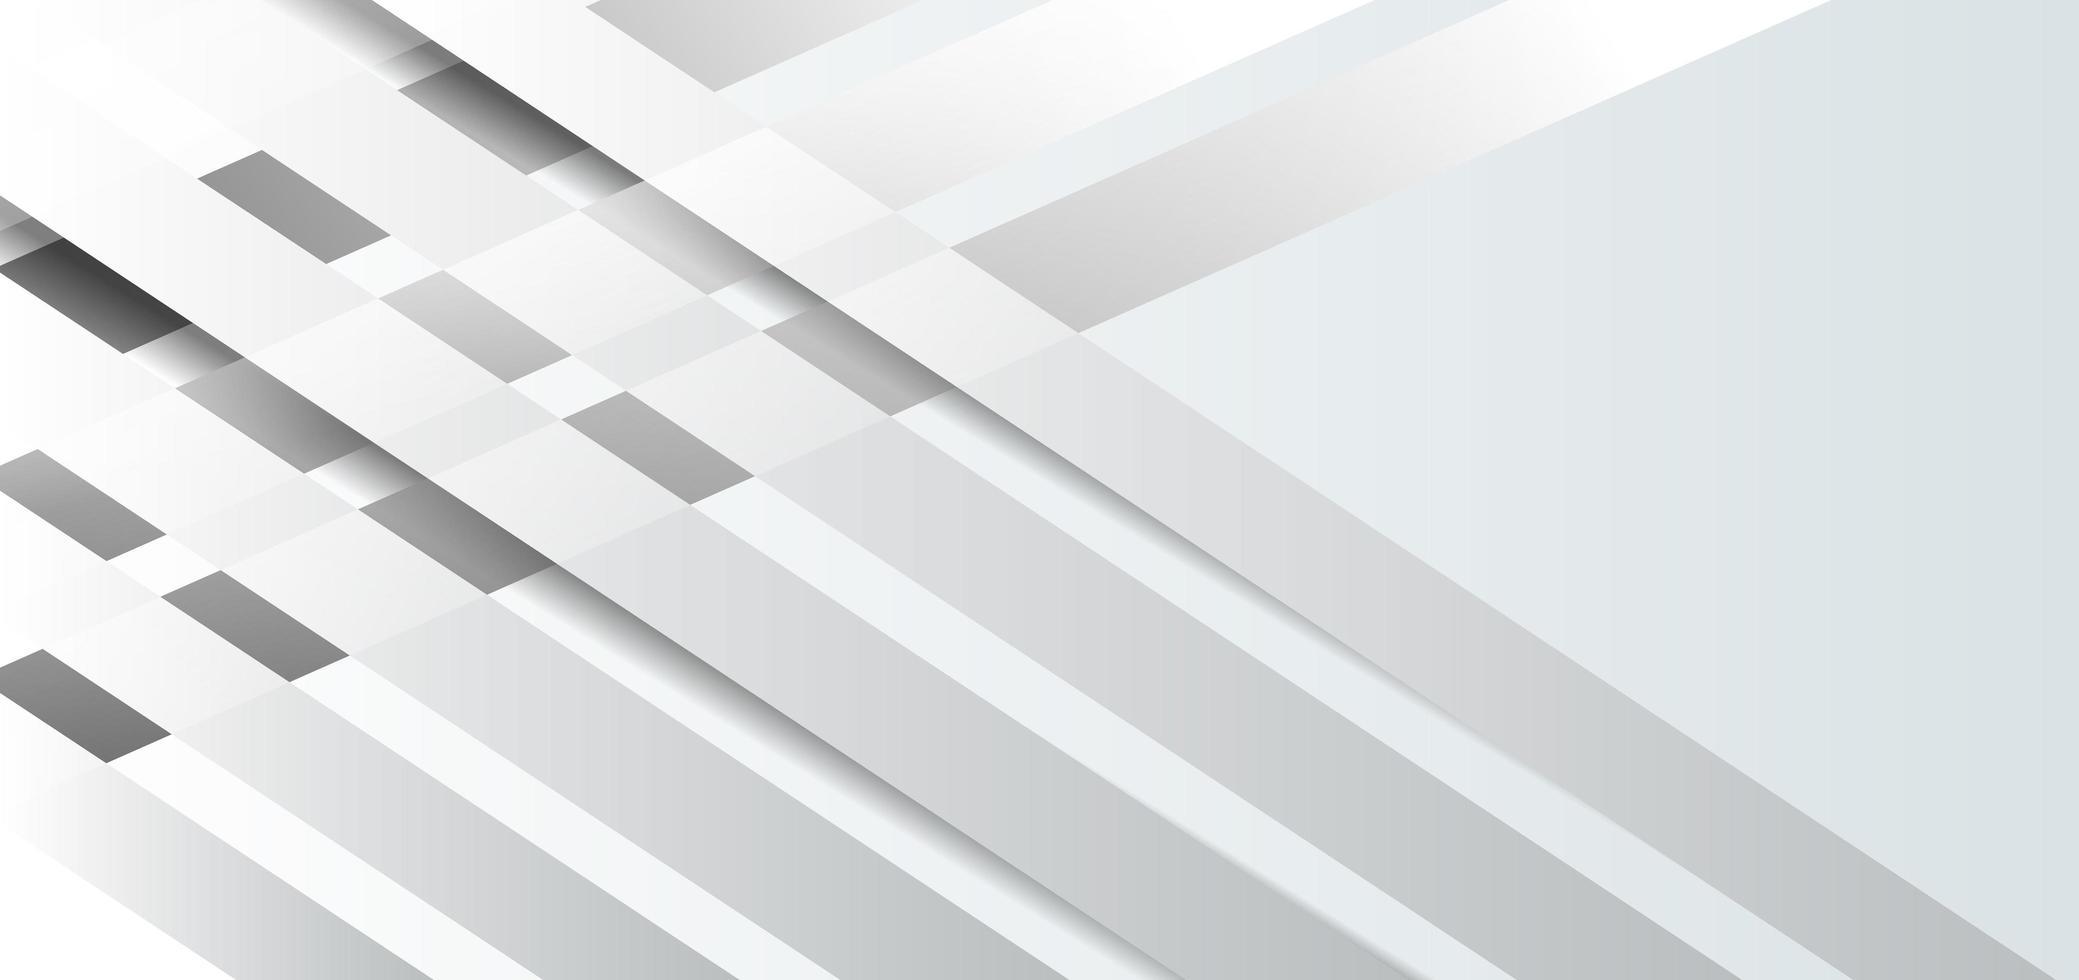 elementos diagonais em branco e cinza modelo abstrato vetor